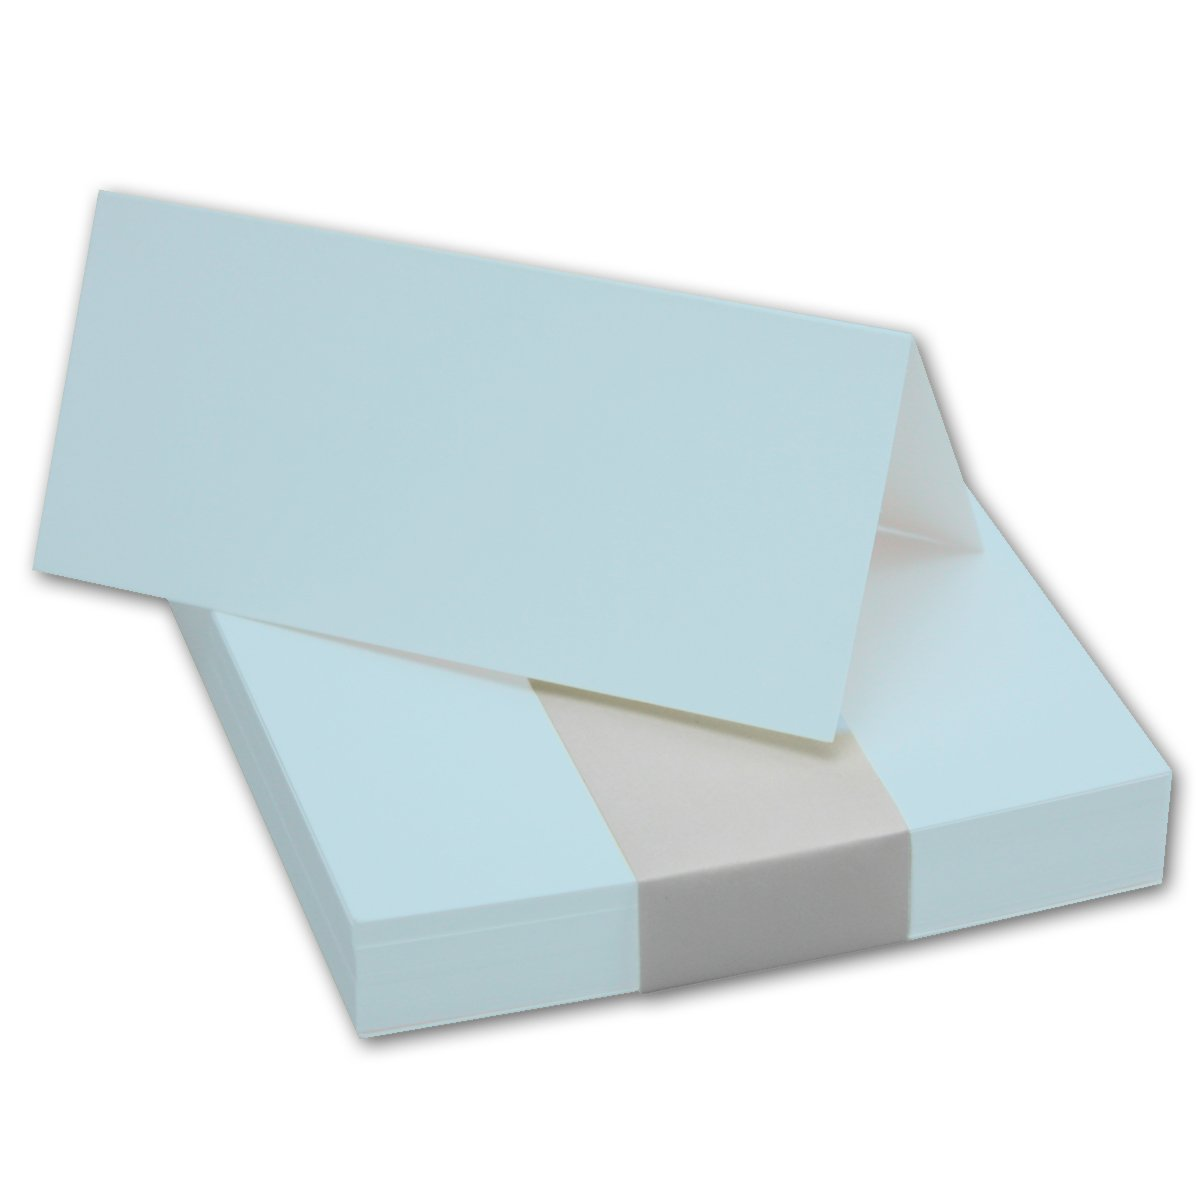 200x Tischkarten in Hochweiß I Größe  100 x x x 90 mm (Gefaltet 100 x 45 mm) I 240 g m² - Sehr Schwere und Stabile Qualität I aus der Serie FarbenFroh von NEUSER  B07CPVHV4D | Verschiedene aktuelle Designs  29f6c3